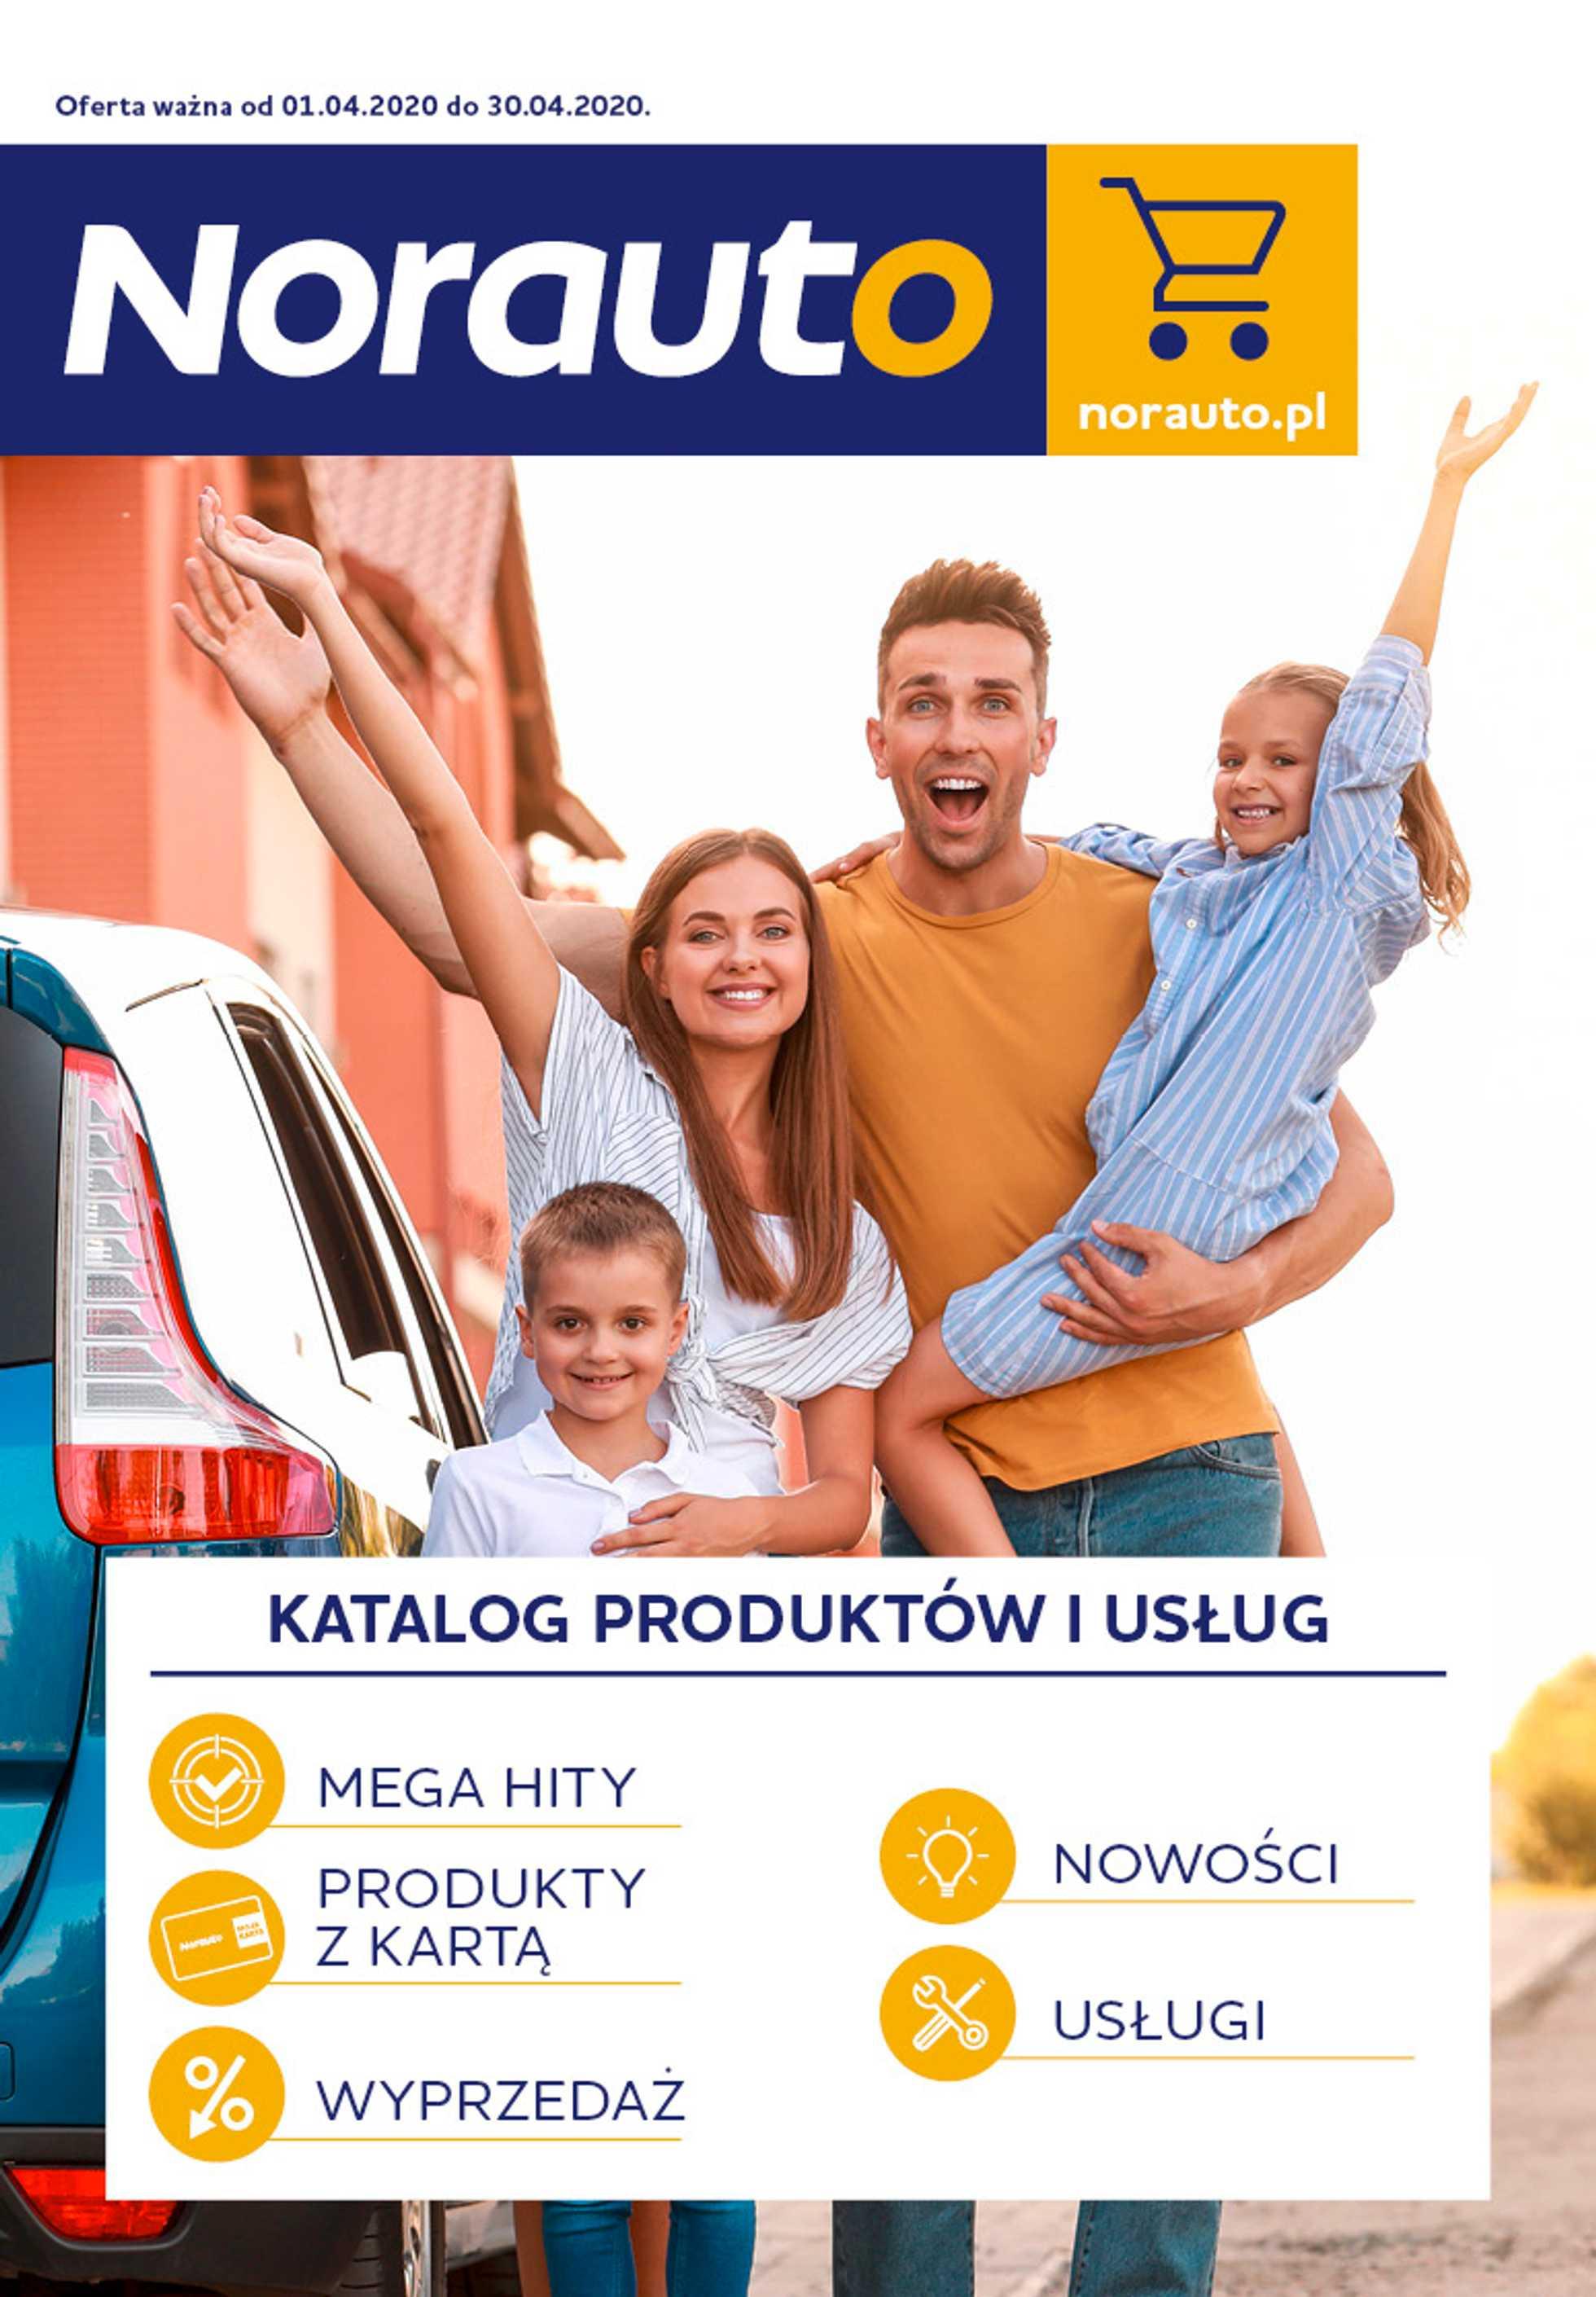 Norauto - gazetka promocyjna ważna od 01.04.2020 do 30.04.2020 - strona 1.